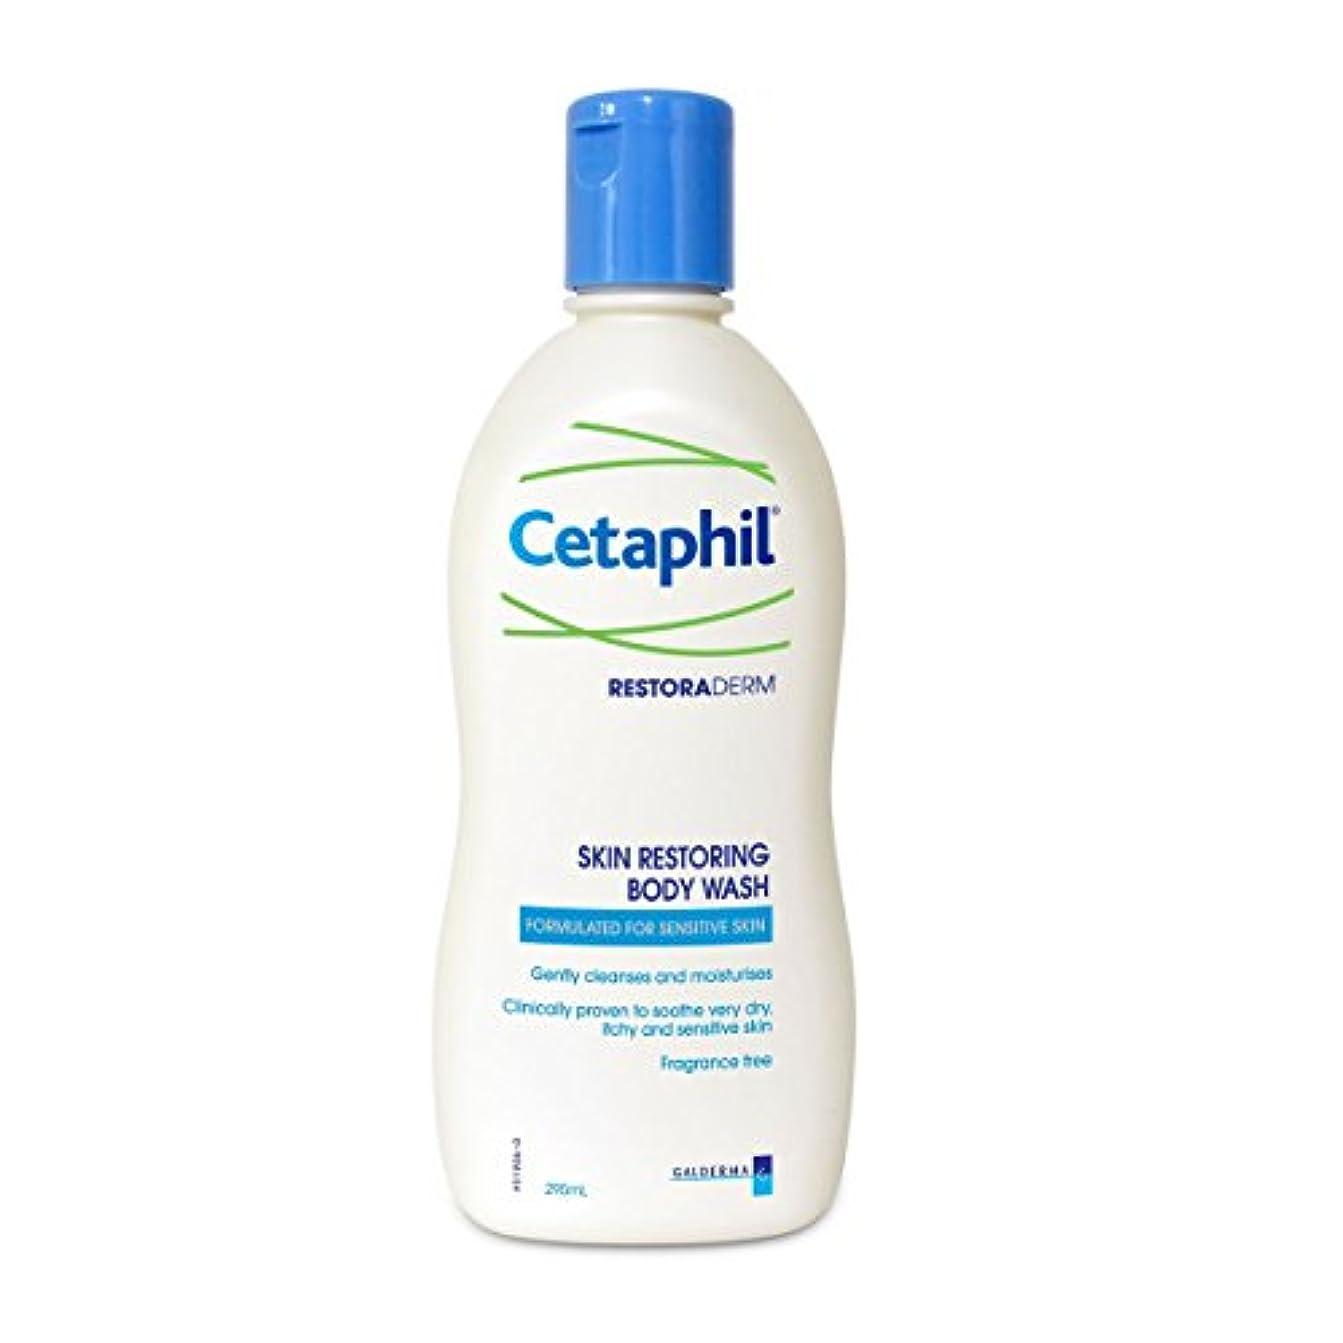 ノミネートフェローシップ比類なきCetaphil Restoraderm Liquid Soap 295ml [並行輸入品]